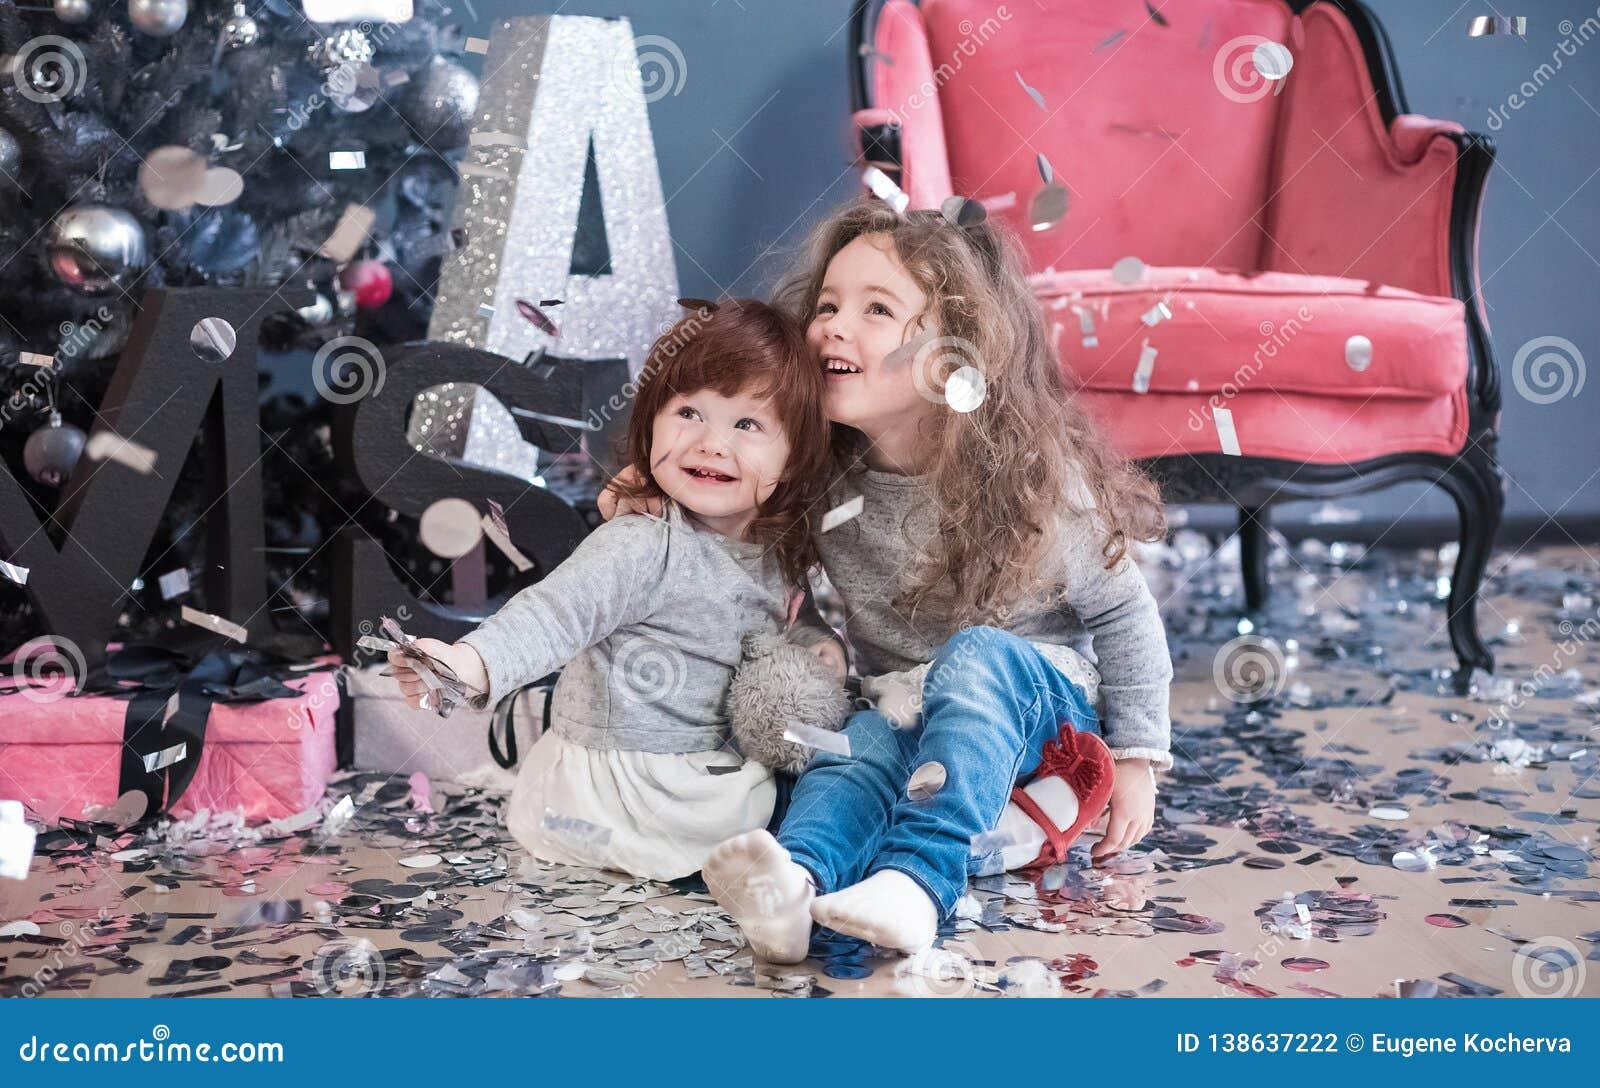 Les enfants jettent des confettis et s asseyent sur un plancher près d un sapin